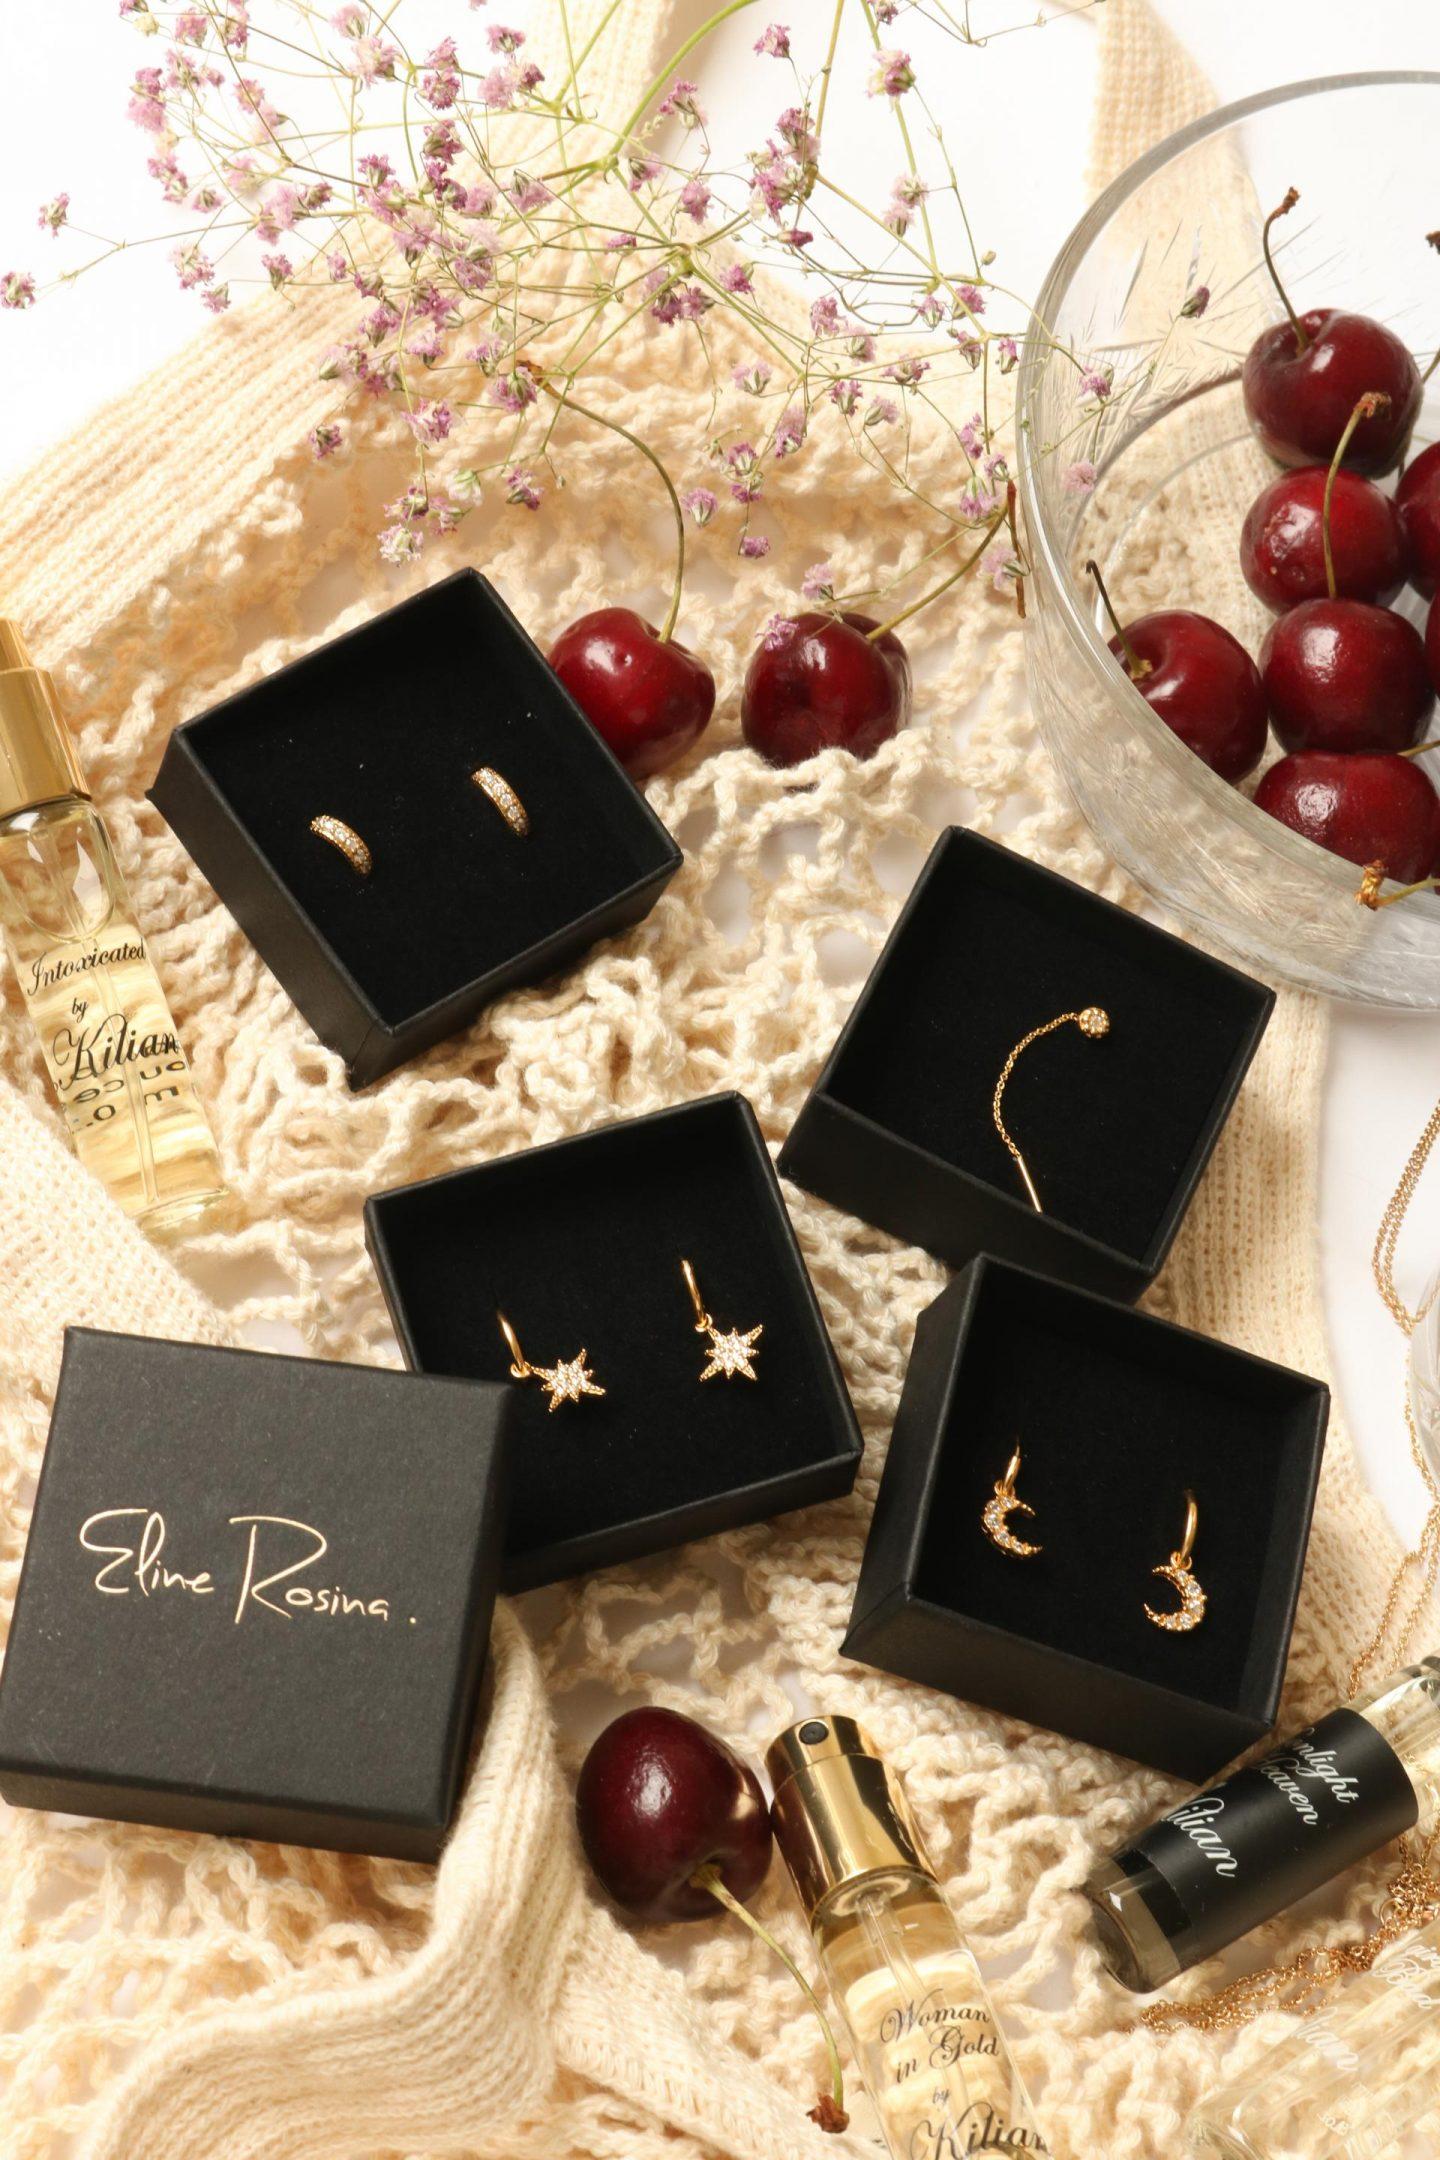 golden earrings by eline rosina